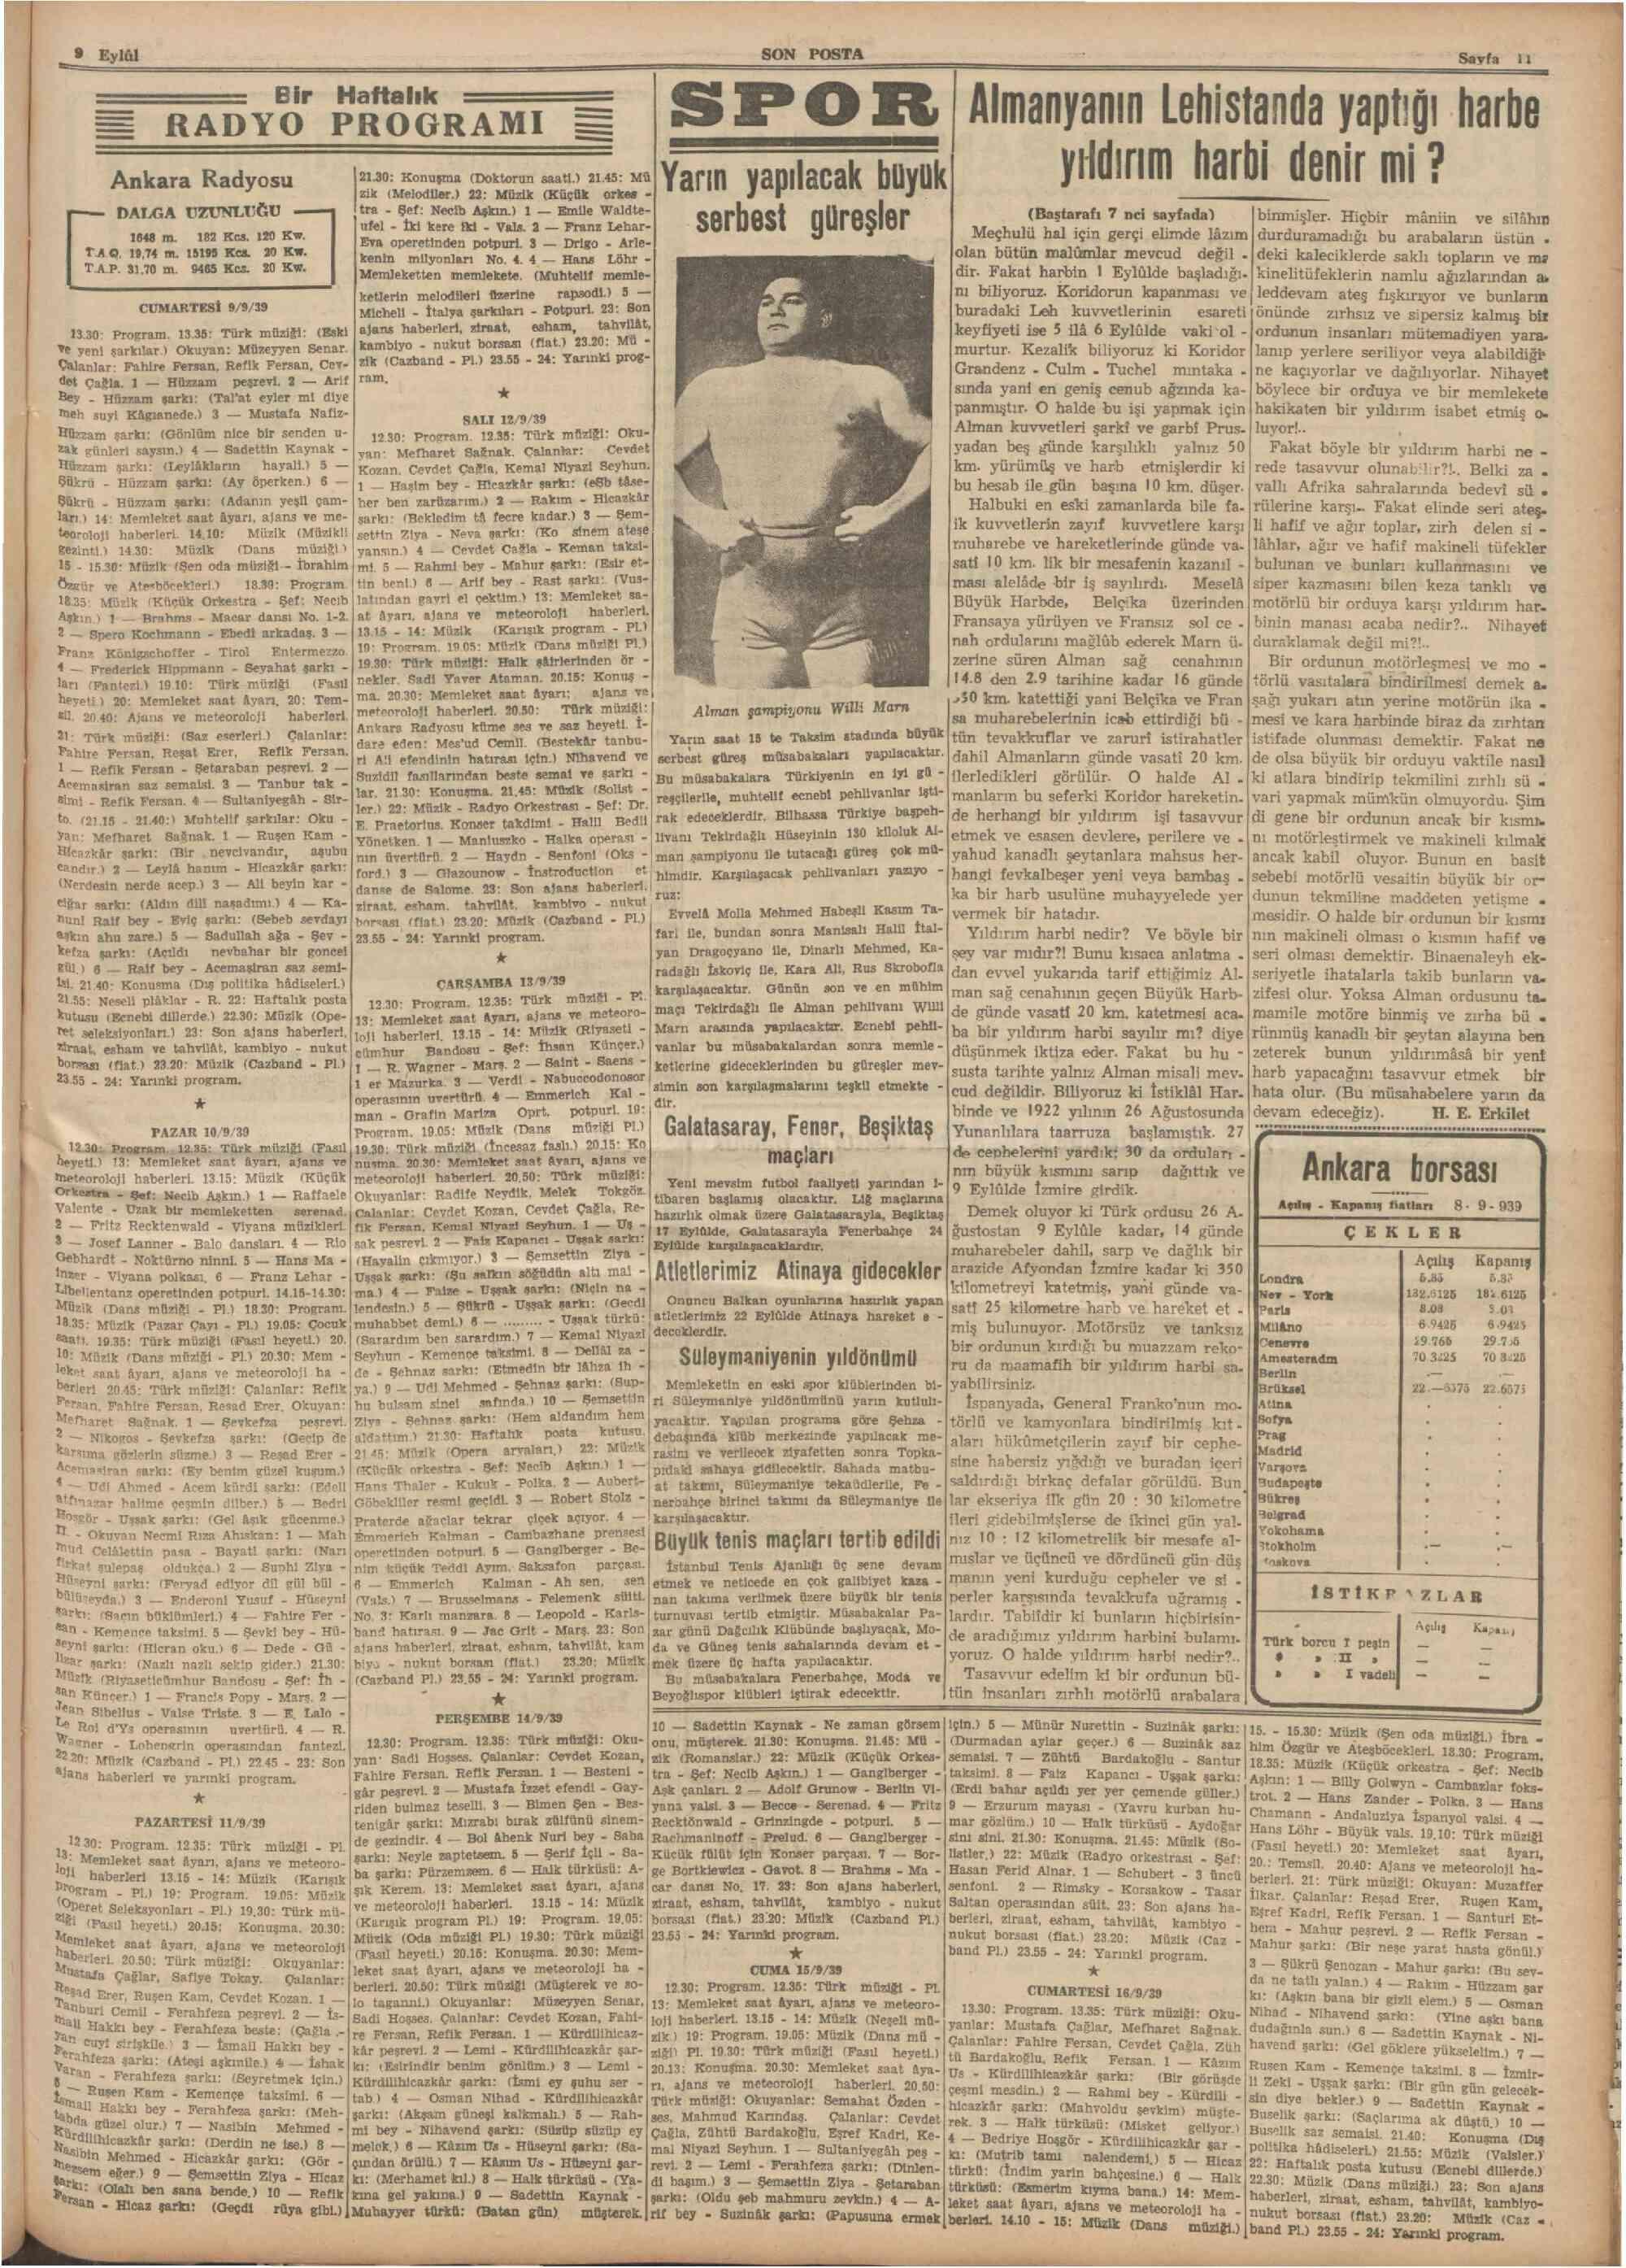 9 Eylül 1939 Tarihli Son Posta Dergisi Sayfa 11